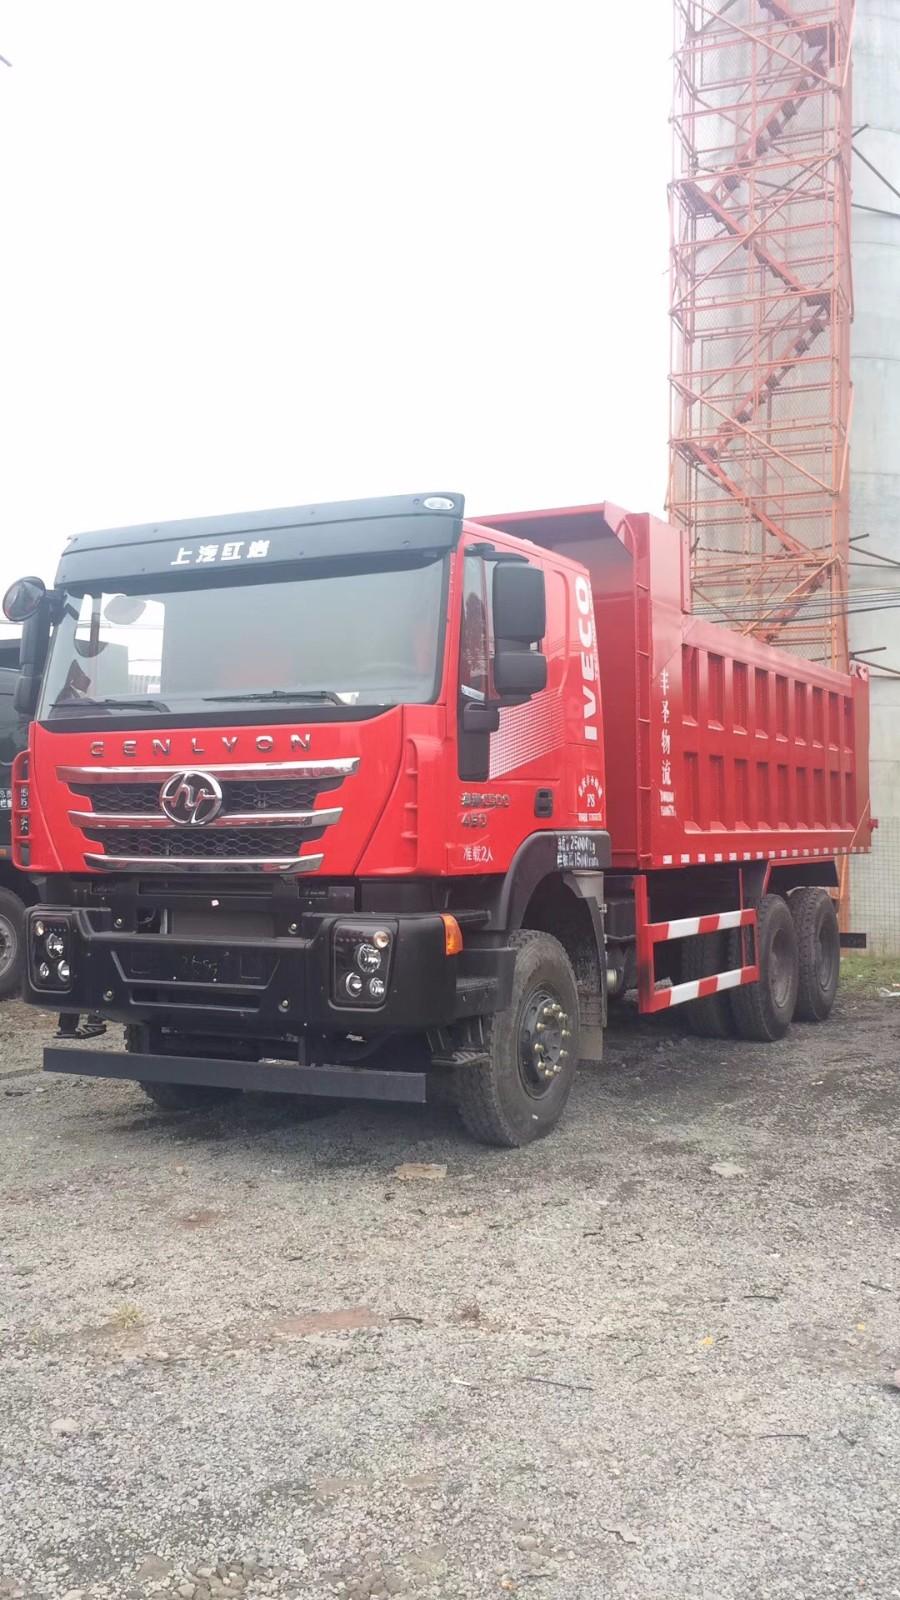 红岩杰狮C500 430 红岩杰狮-重庆丰圣物流有限公司